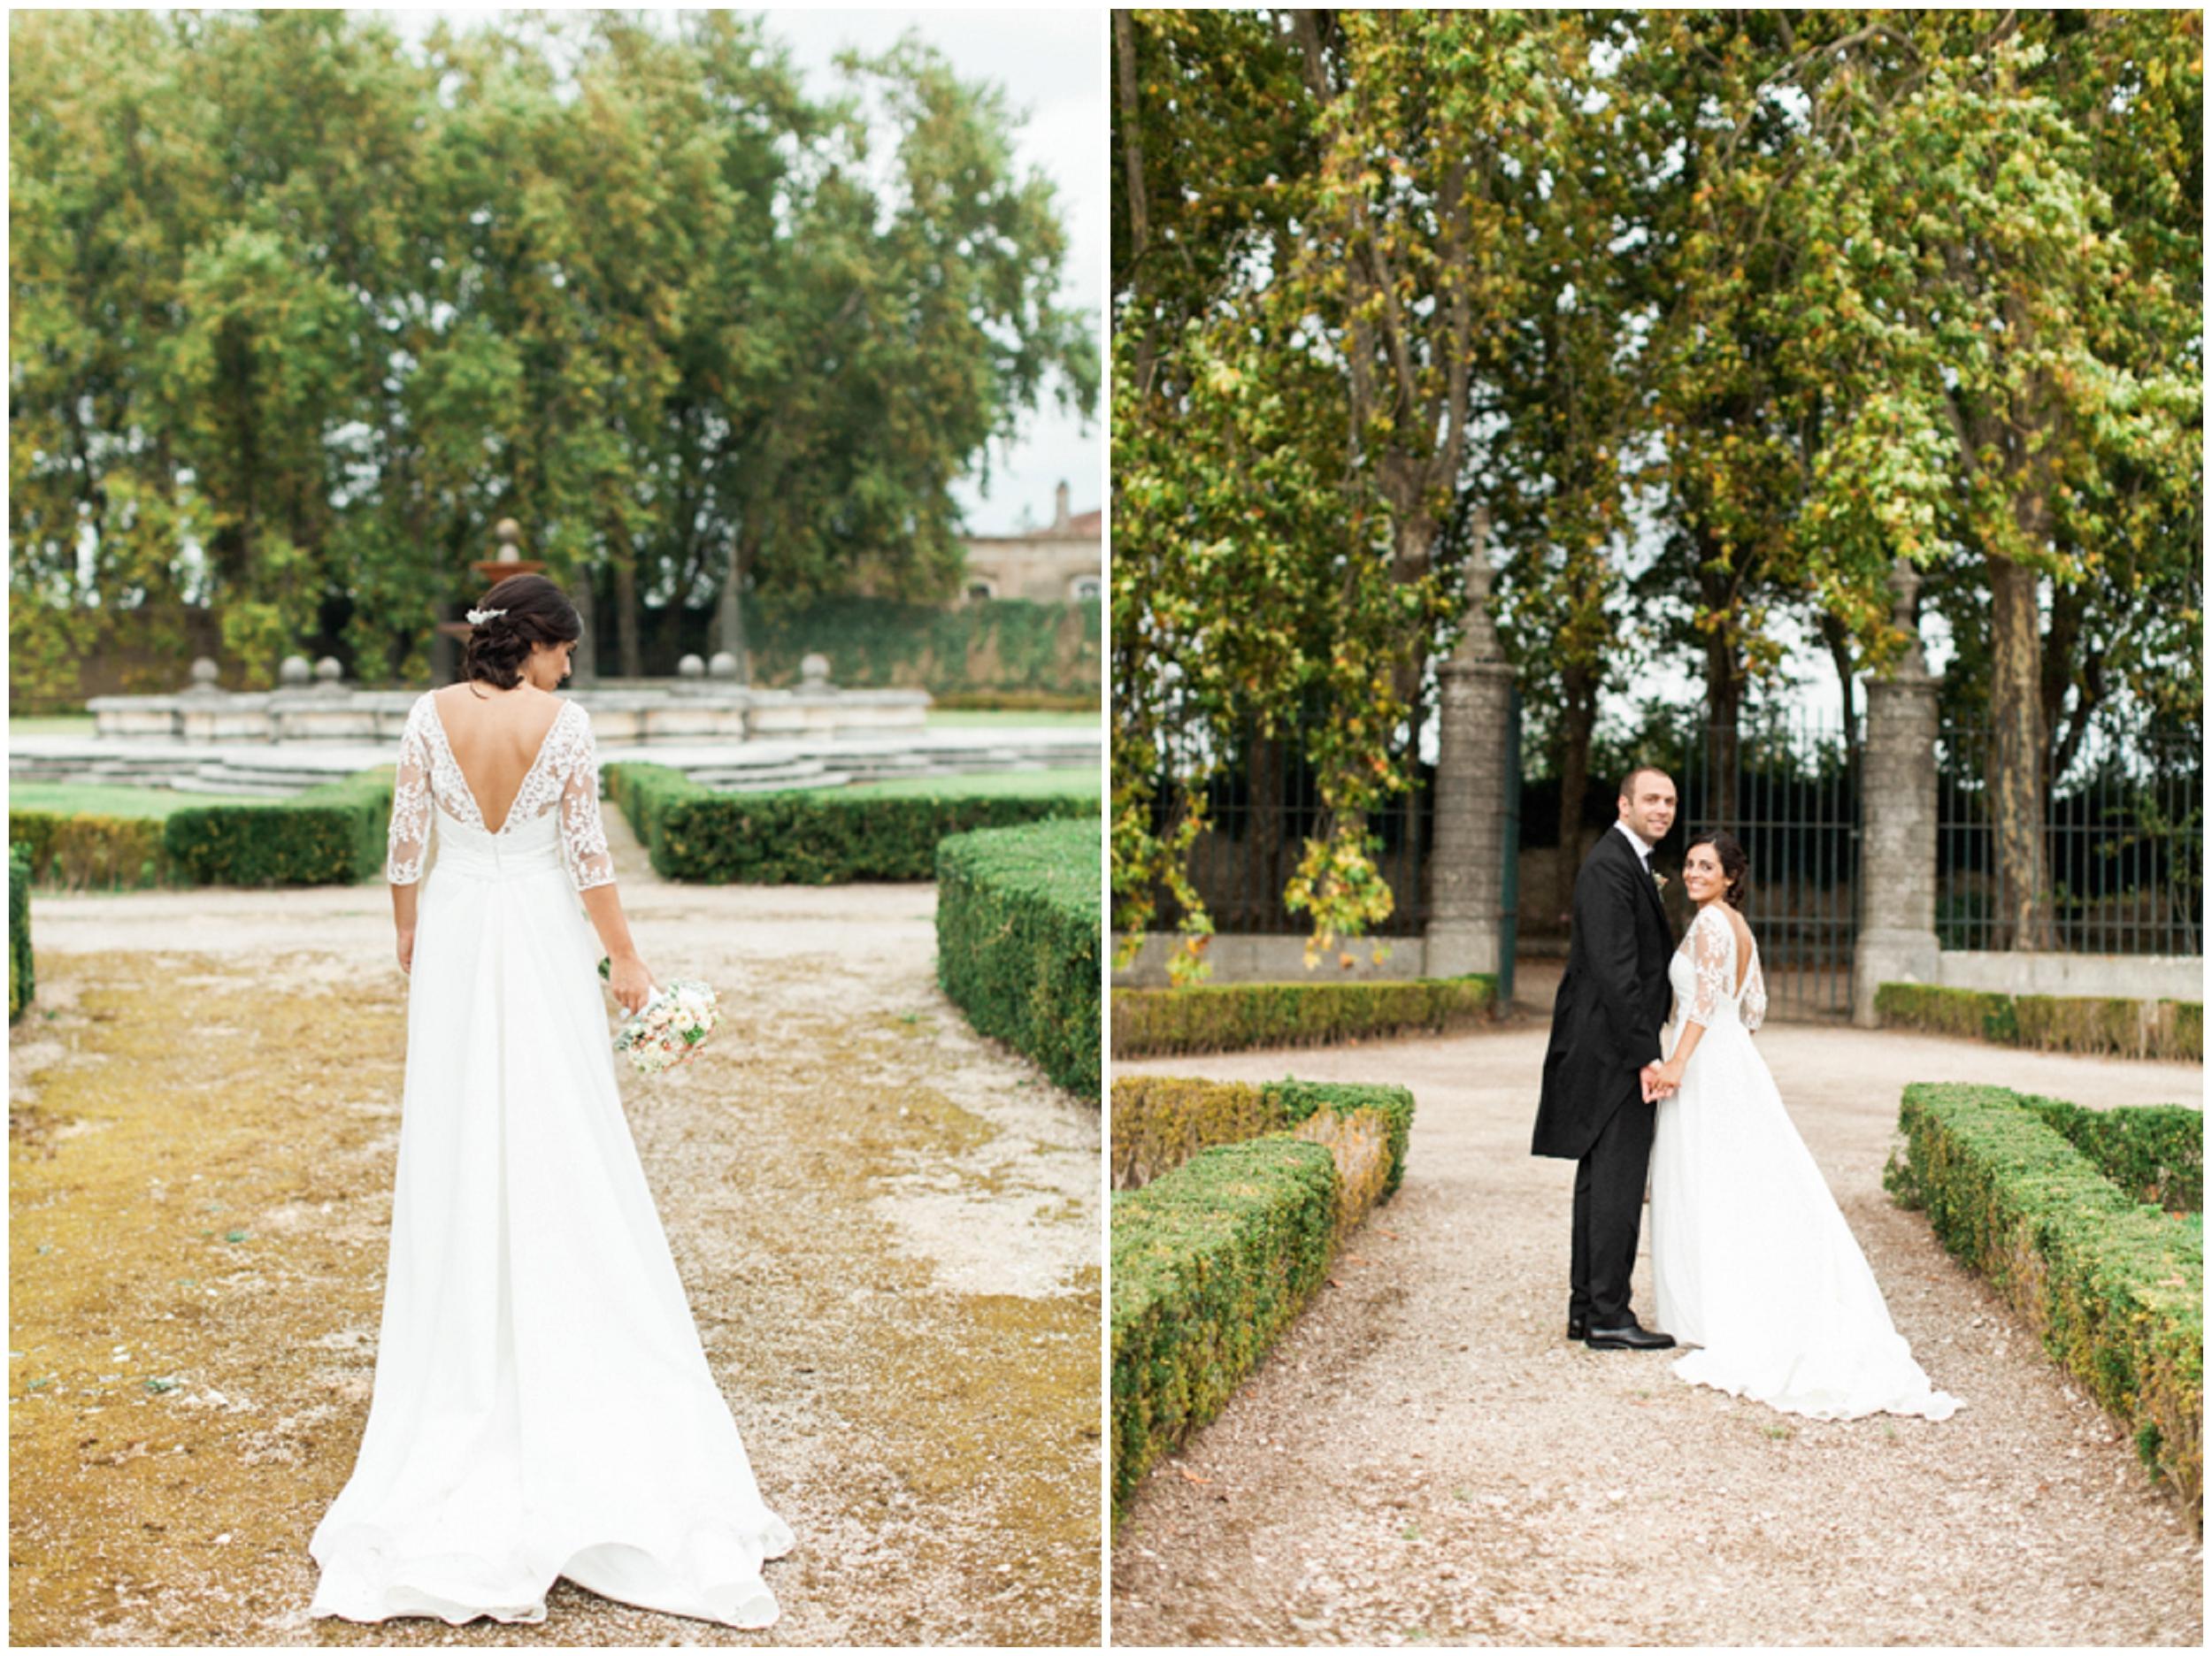 mariarao+wedding+photographer+cascais_0399.jpg